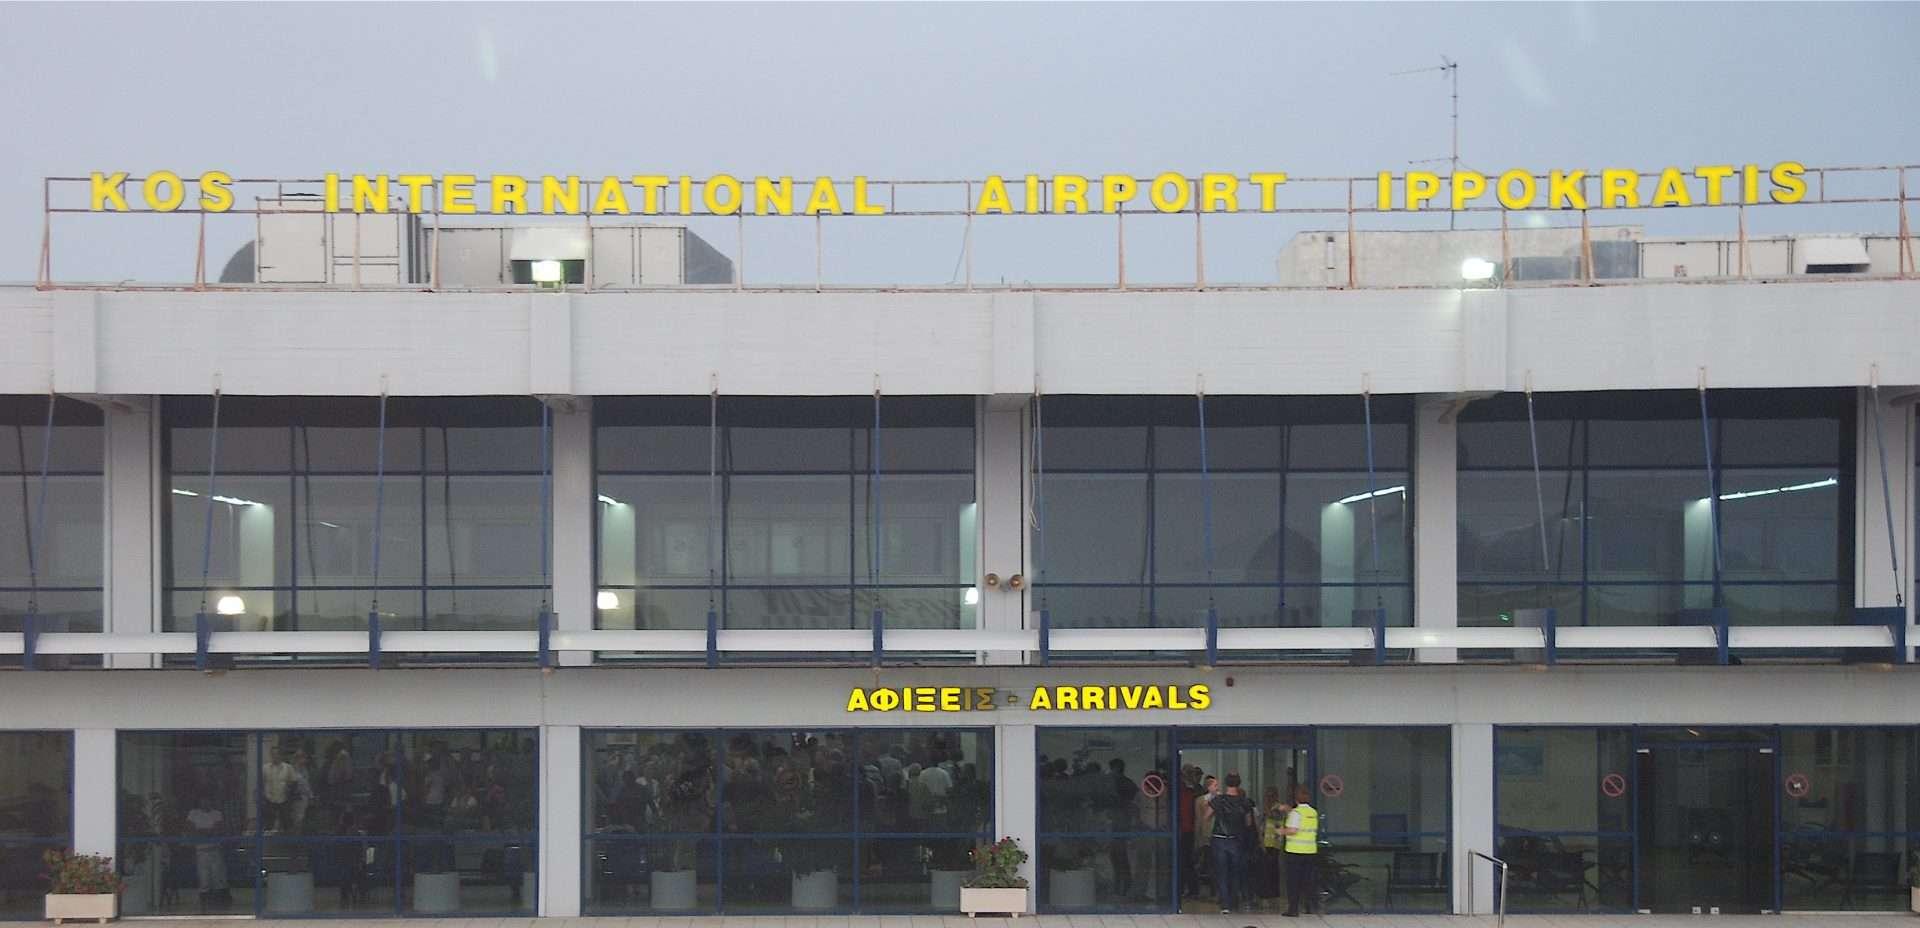 Aeroporto di Kos: Tutte le info utili